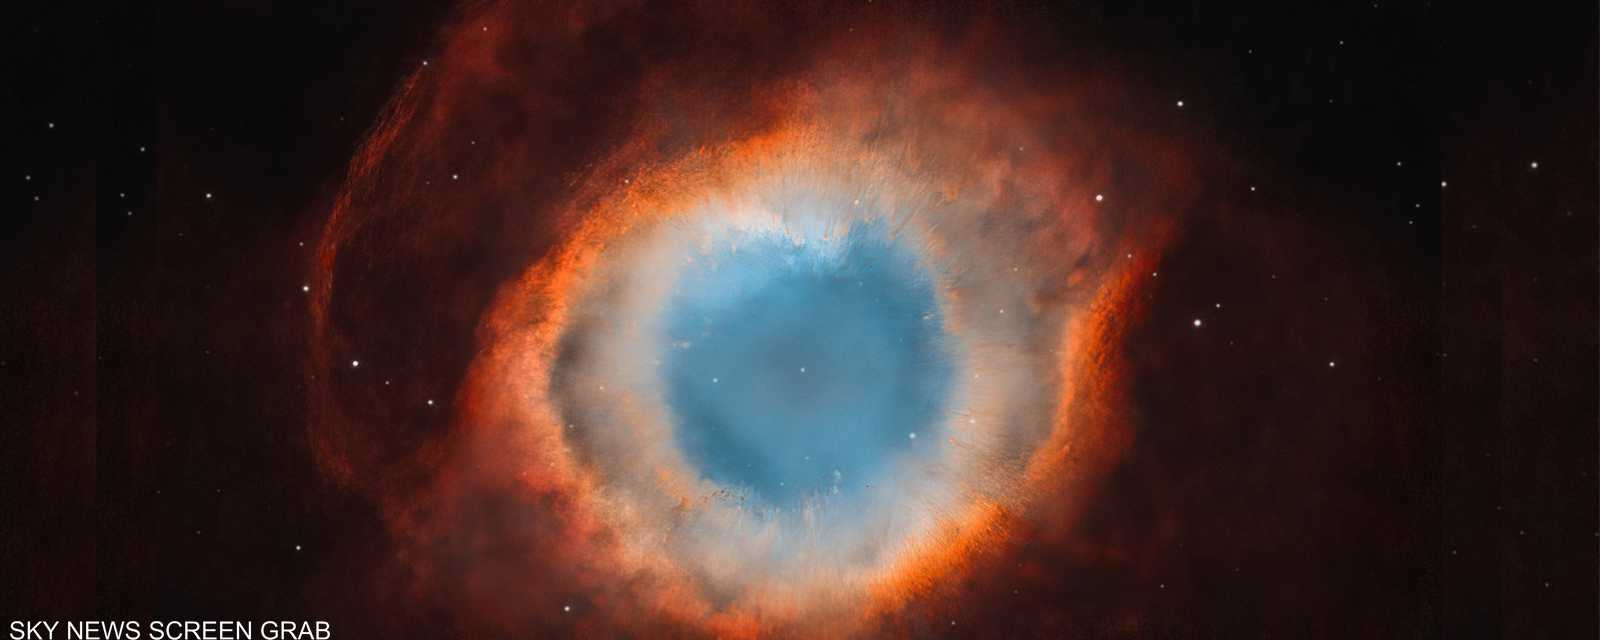 سديم هيليكس كان في يوم من الأيام نجما مشابها جدا لشمسنا.